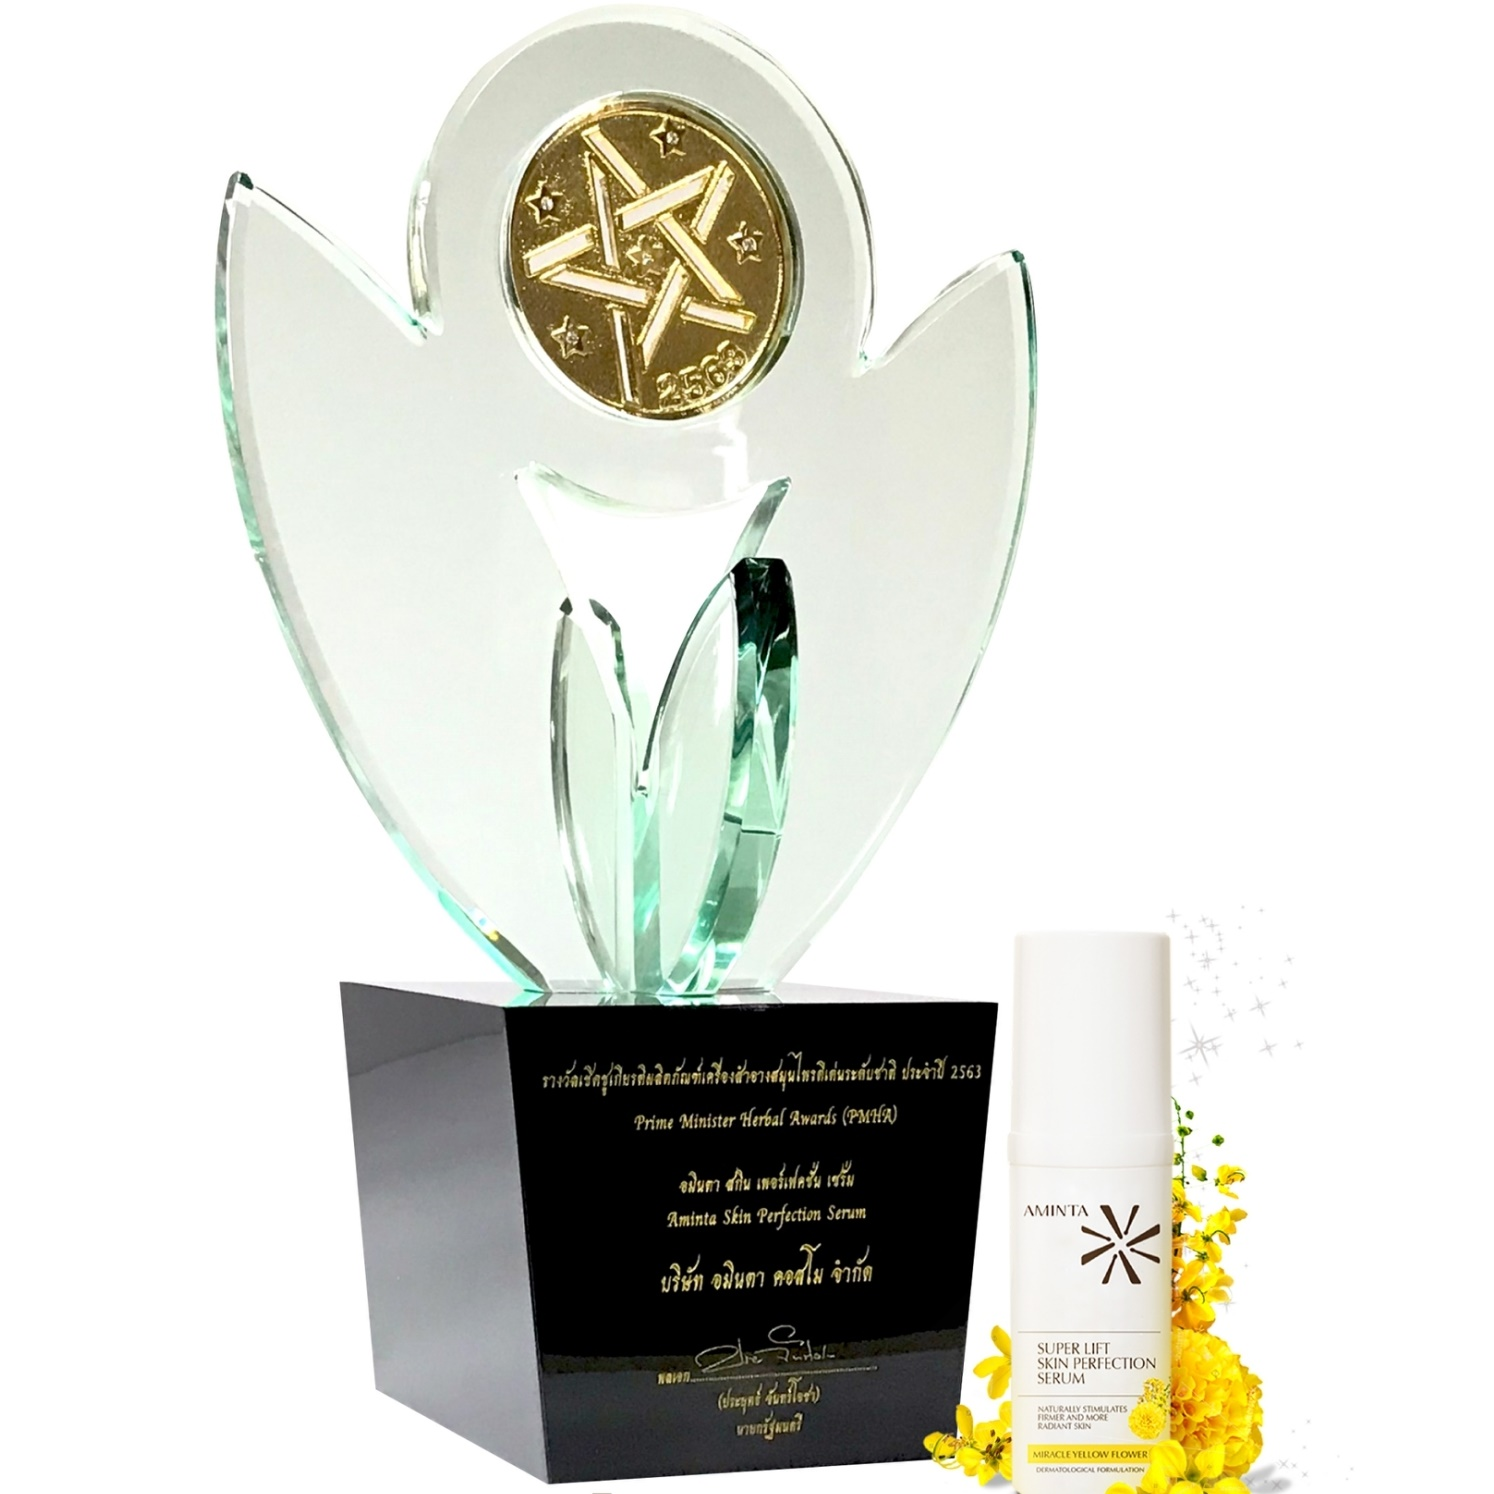 เซรั่มอมินตา คว้ารางวัลเครื่องสำอางดีเด่นระดับชาติ ในงานสมุนไพรแห่งชาติ ปี 2563